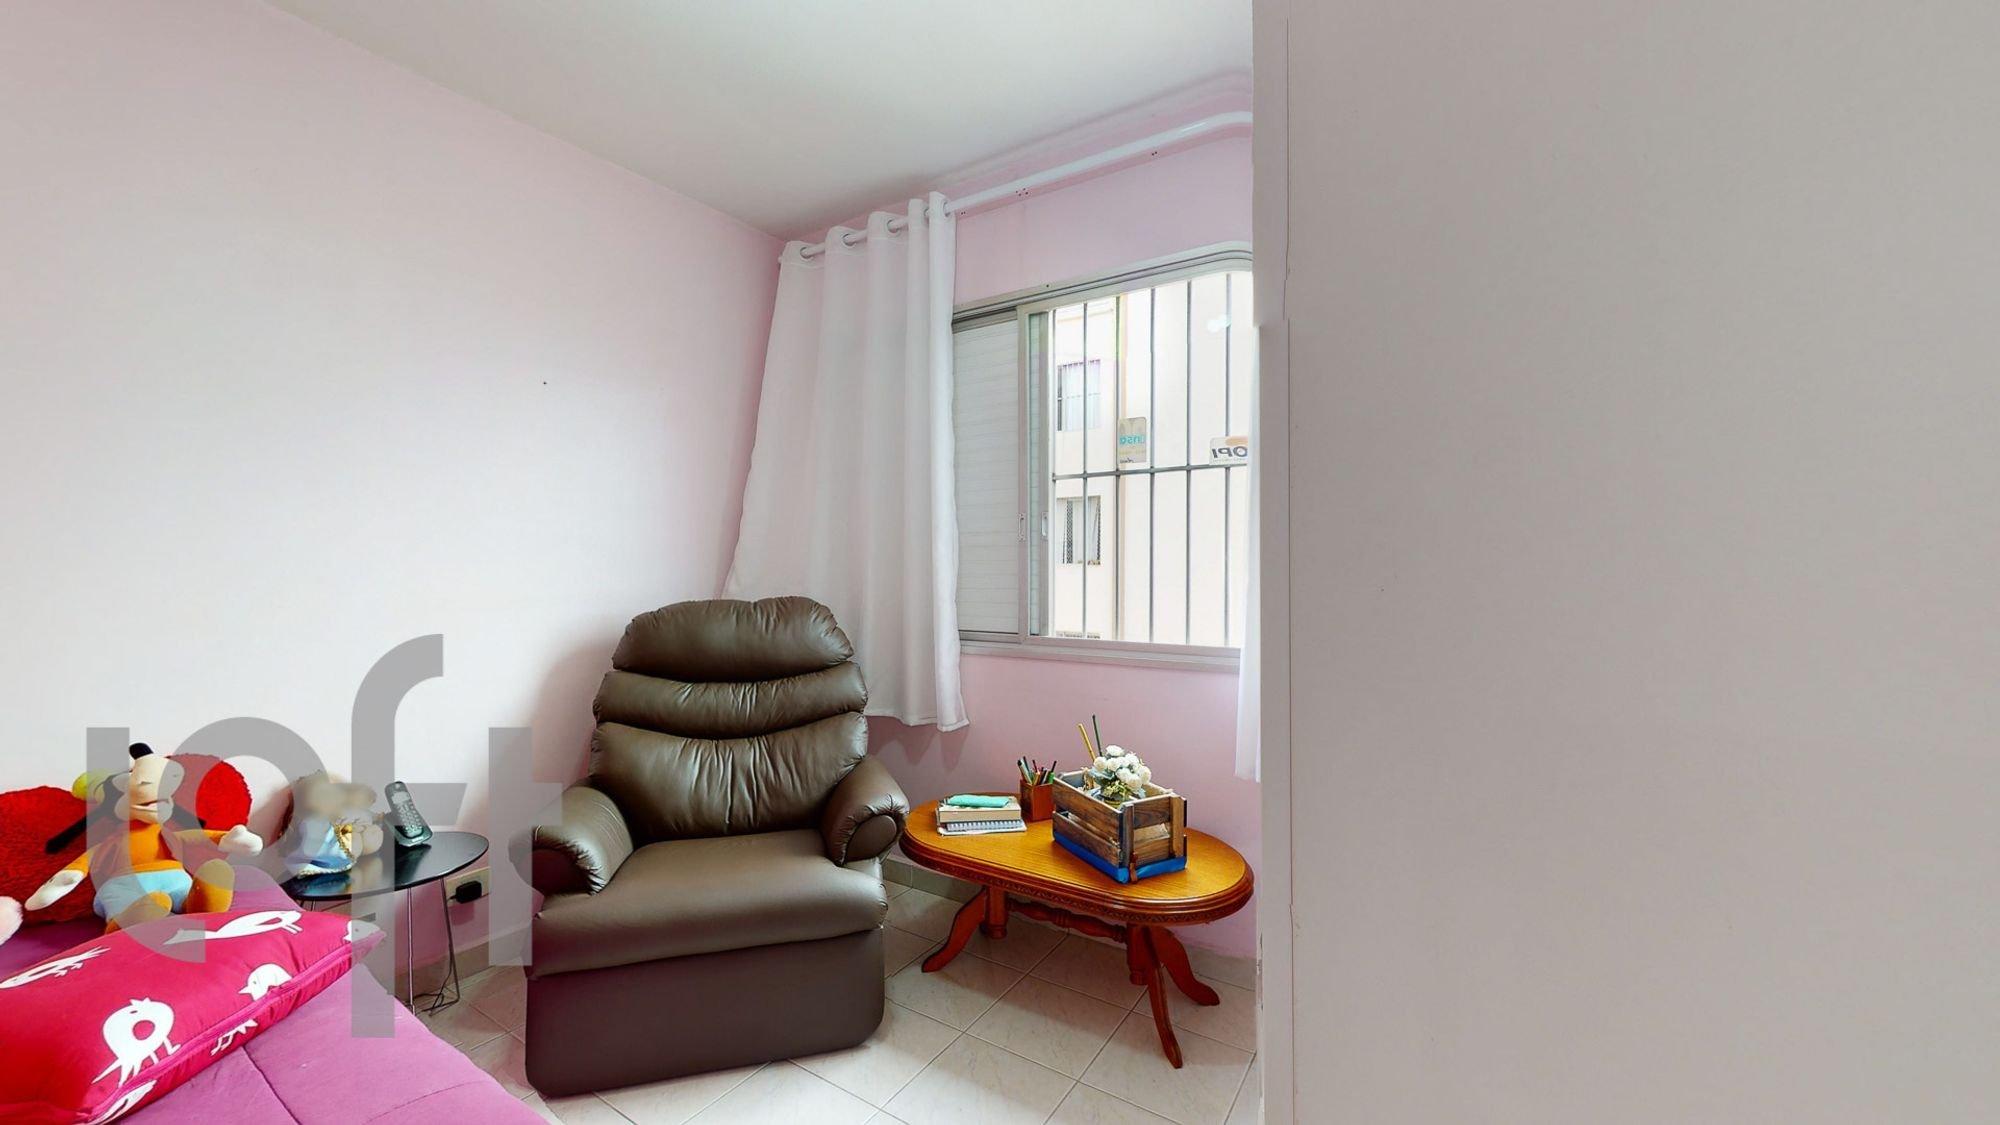 Foto de Sala com cadeira, livro